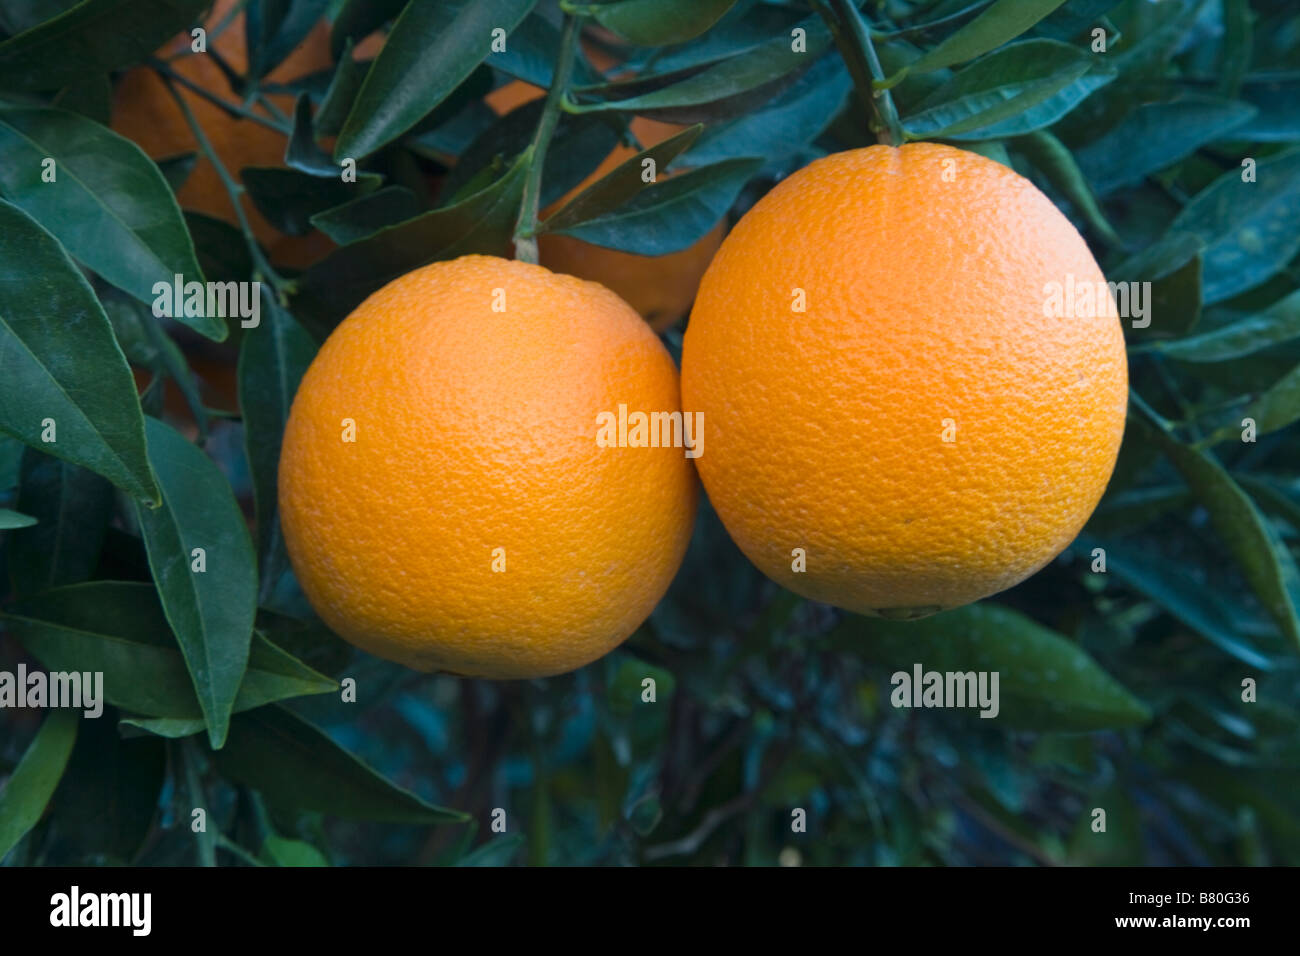 Mature Navel Oranges 'Washington' variety  hanging on branch , - Stock Image